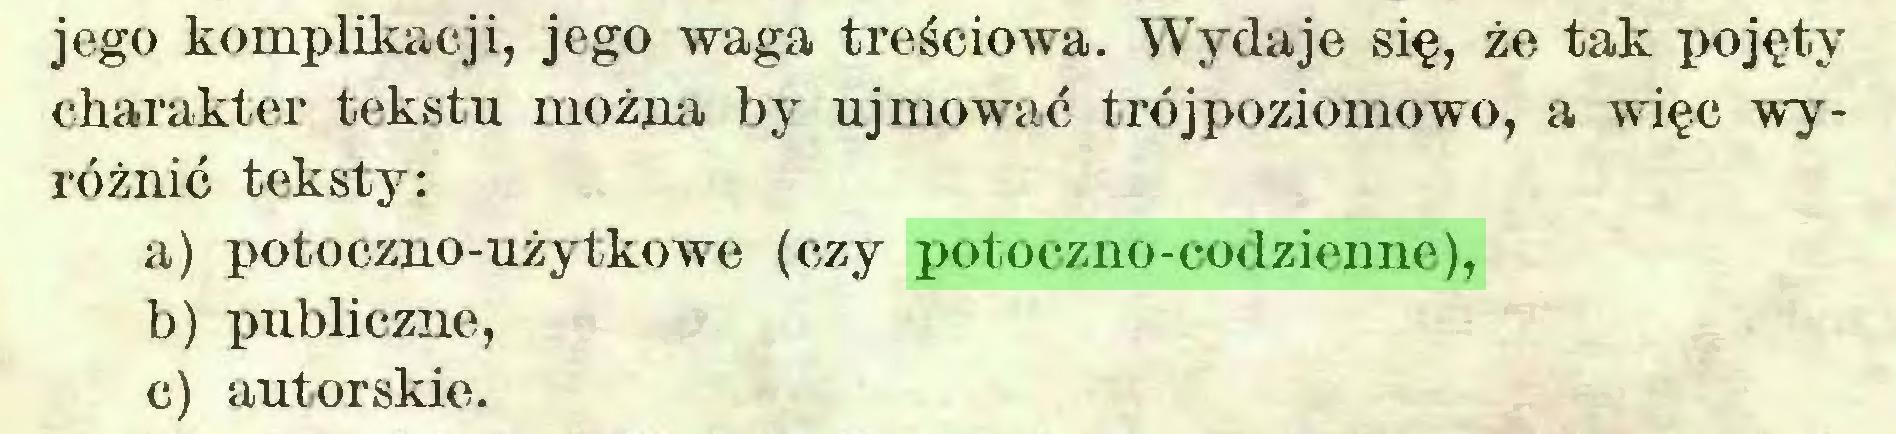 (...) jego komplikacji, jego waga treściowa. Wydaje się, że tak pojęty charakter tekstu można by ujmować trój poziomowo, a więc wyróżnić teksty: a) potoczno-użytkowe (czy potoczno-codzienne), b) publiczne, c) autorskie...